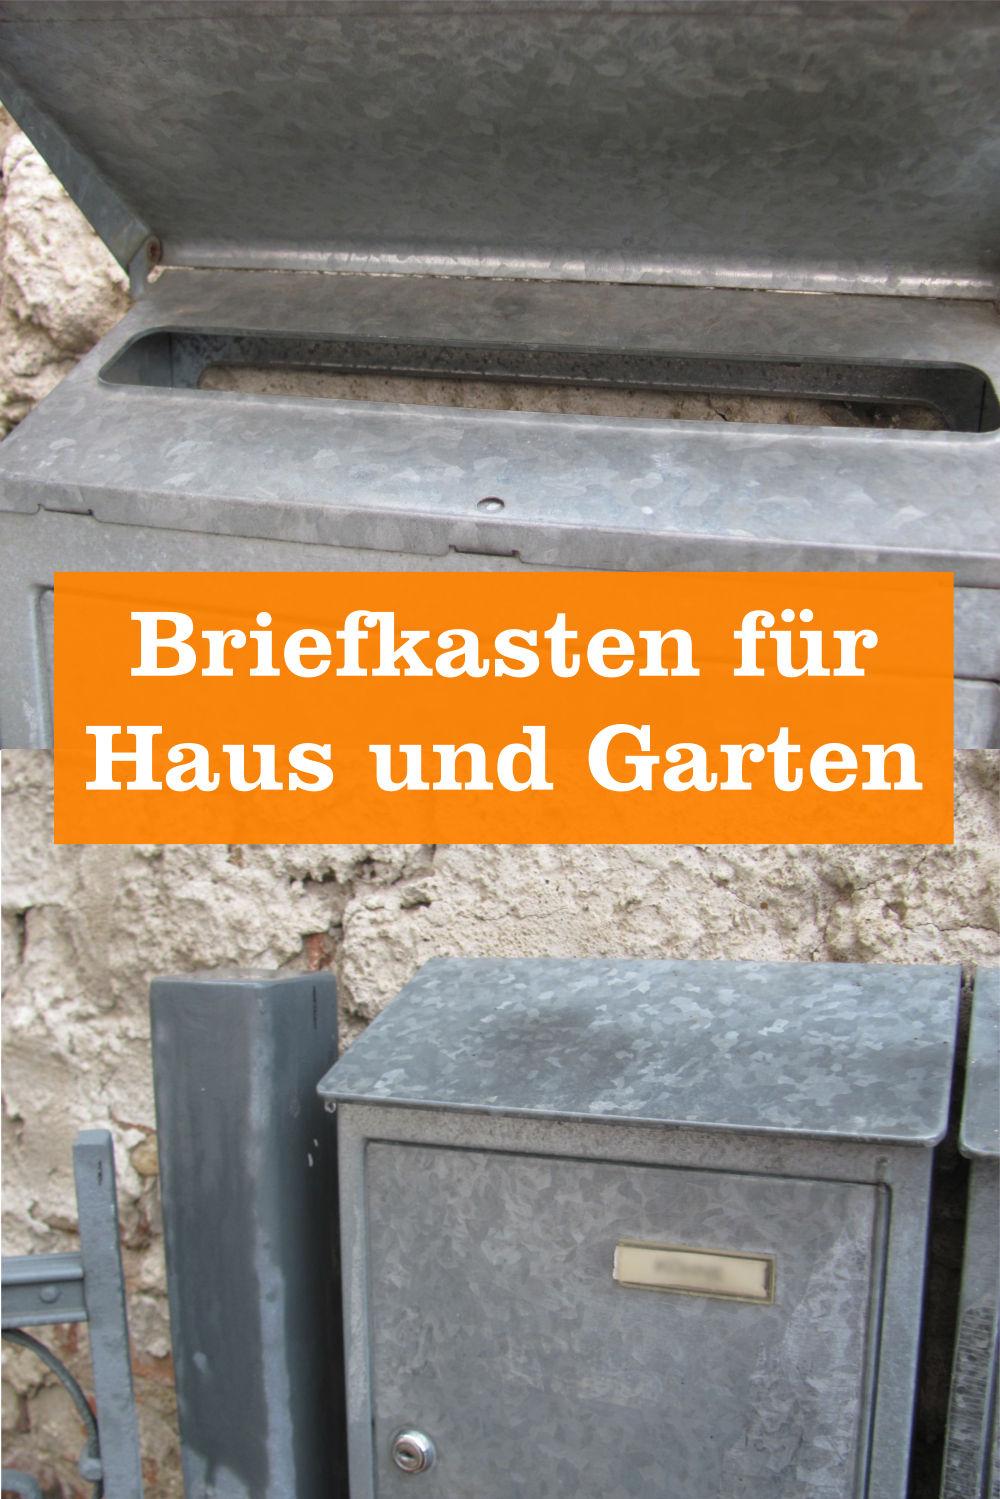 Briefkasten für Haus